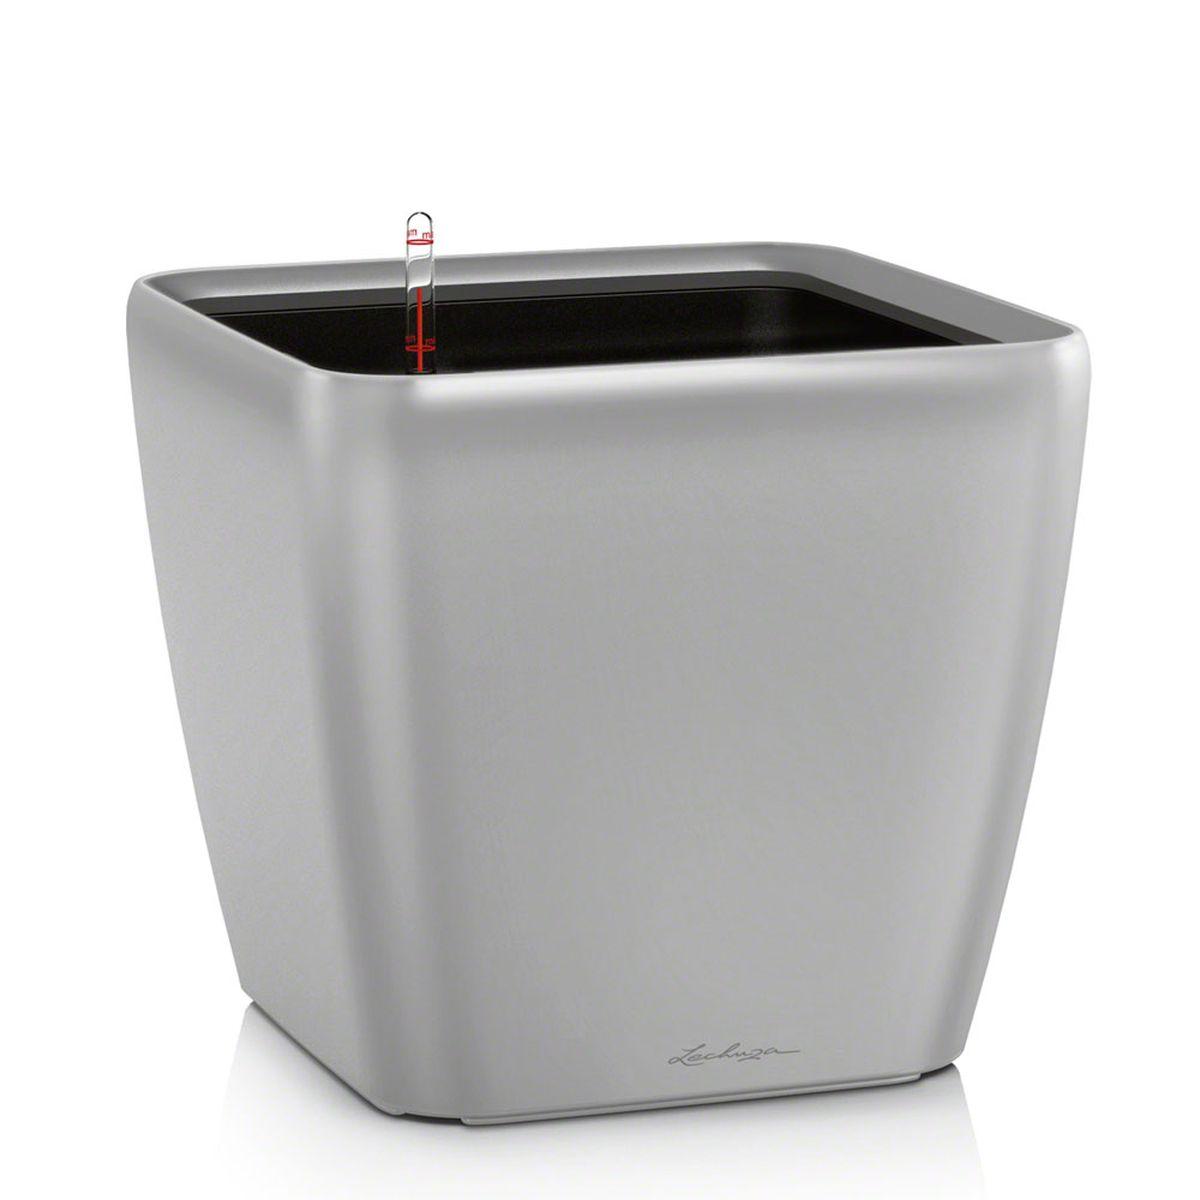 Кашпо Lechuza Quadro, с системой автополива, цвет: серебристый, 28 х 28 х 26 см16148Кашпо Lechuza Quadro, выполненное из высококачественного пластика, имеет уникальную систему автополива, благодаря которой корневая система растения непрерывно снабжается влагой из резервуара. Уровень воды в резервуаре контролируется с помощью специального индикатора. В зависимости от размера кашпо и растения воды хватает на 2-12 недель. Это способствует хорошему росту цветов и предотвращает переувлажнение. В набор входит: кашпо, внутренний горшок с выдвижной эргономичной ручкой, индикатор уровня воды, вал подачи воды, субстрат растений в качестве дренажного слоя, резервуар для воды. Кашпо Lechuza Quadro прекрасно впишется в любой интерьер. Оно поможет расставить нужные акценты, а также придаст помещению вид, соответствующий вашим представлениям.